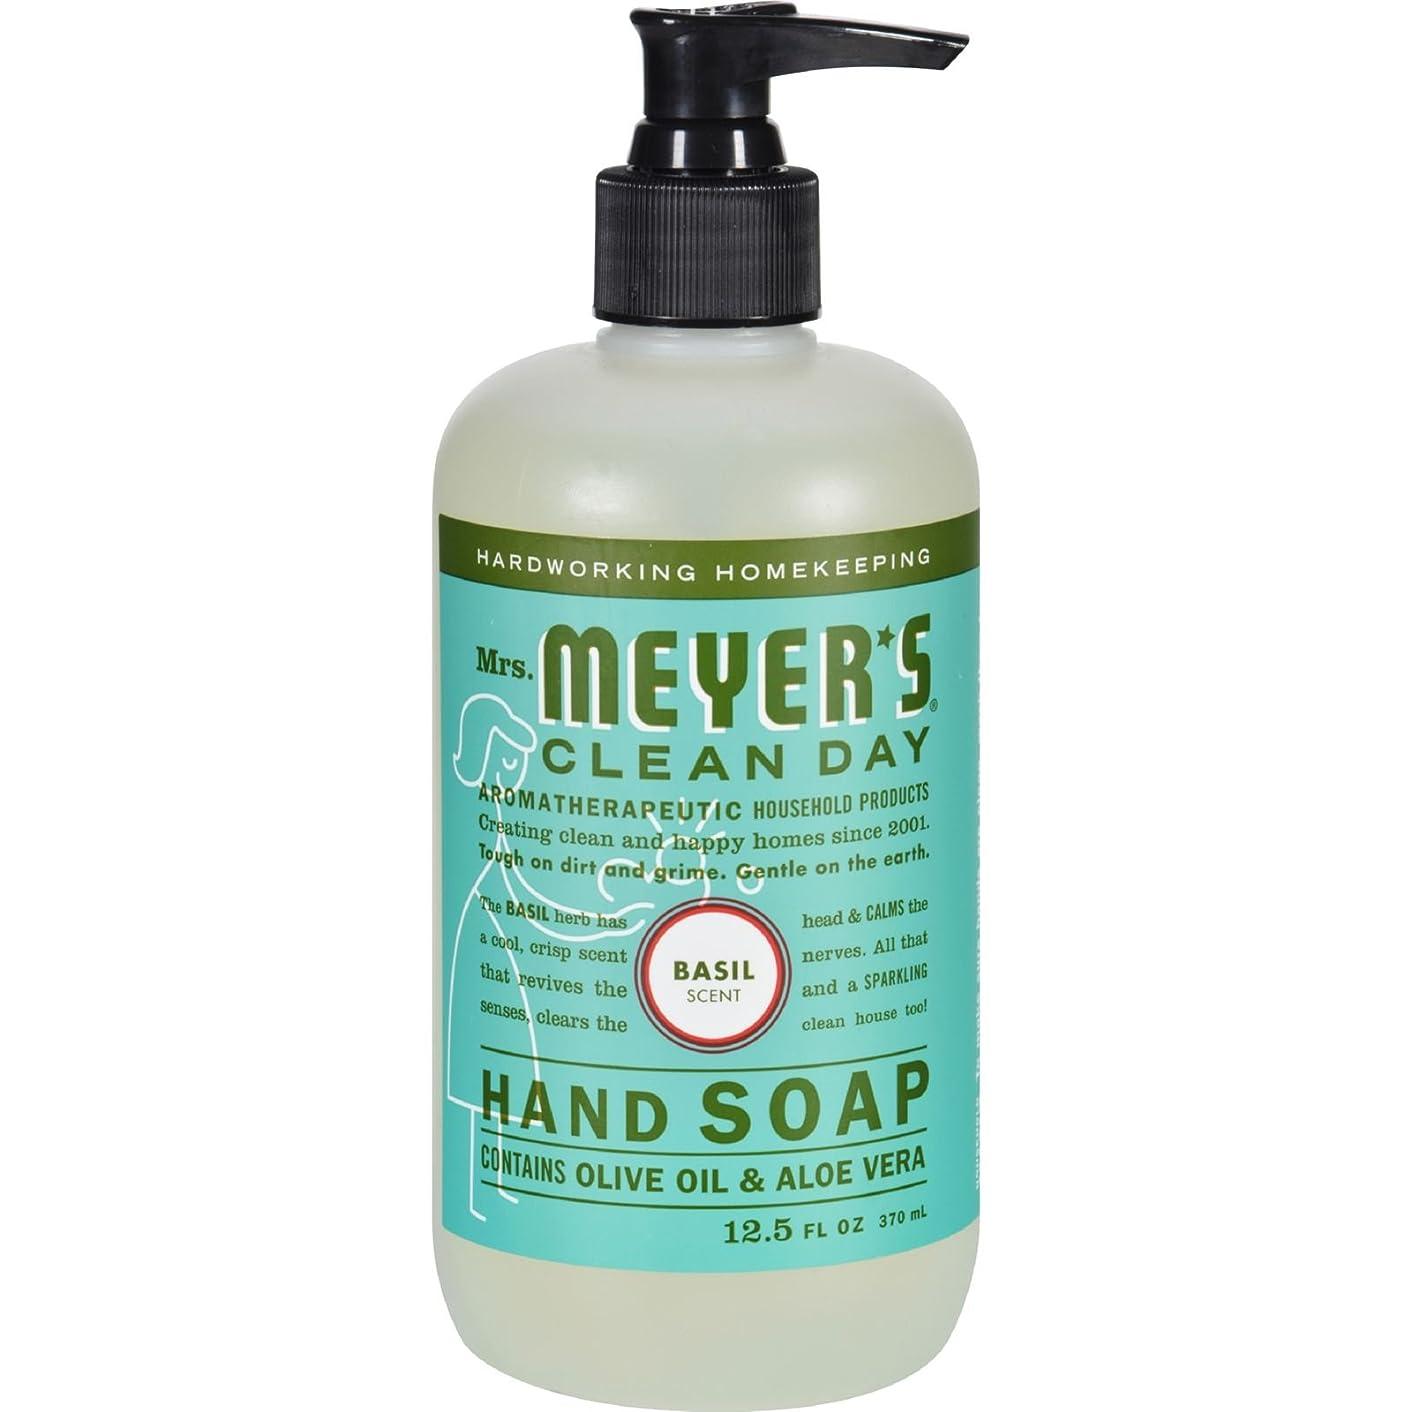 反対した誤解電話をかけるMRS. MEYER'S HAND SOAP,LIQ,BASIL, 12.5 FZ by Mrs. Meyer's Clean Day